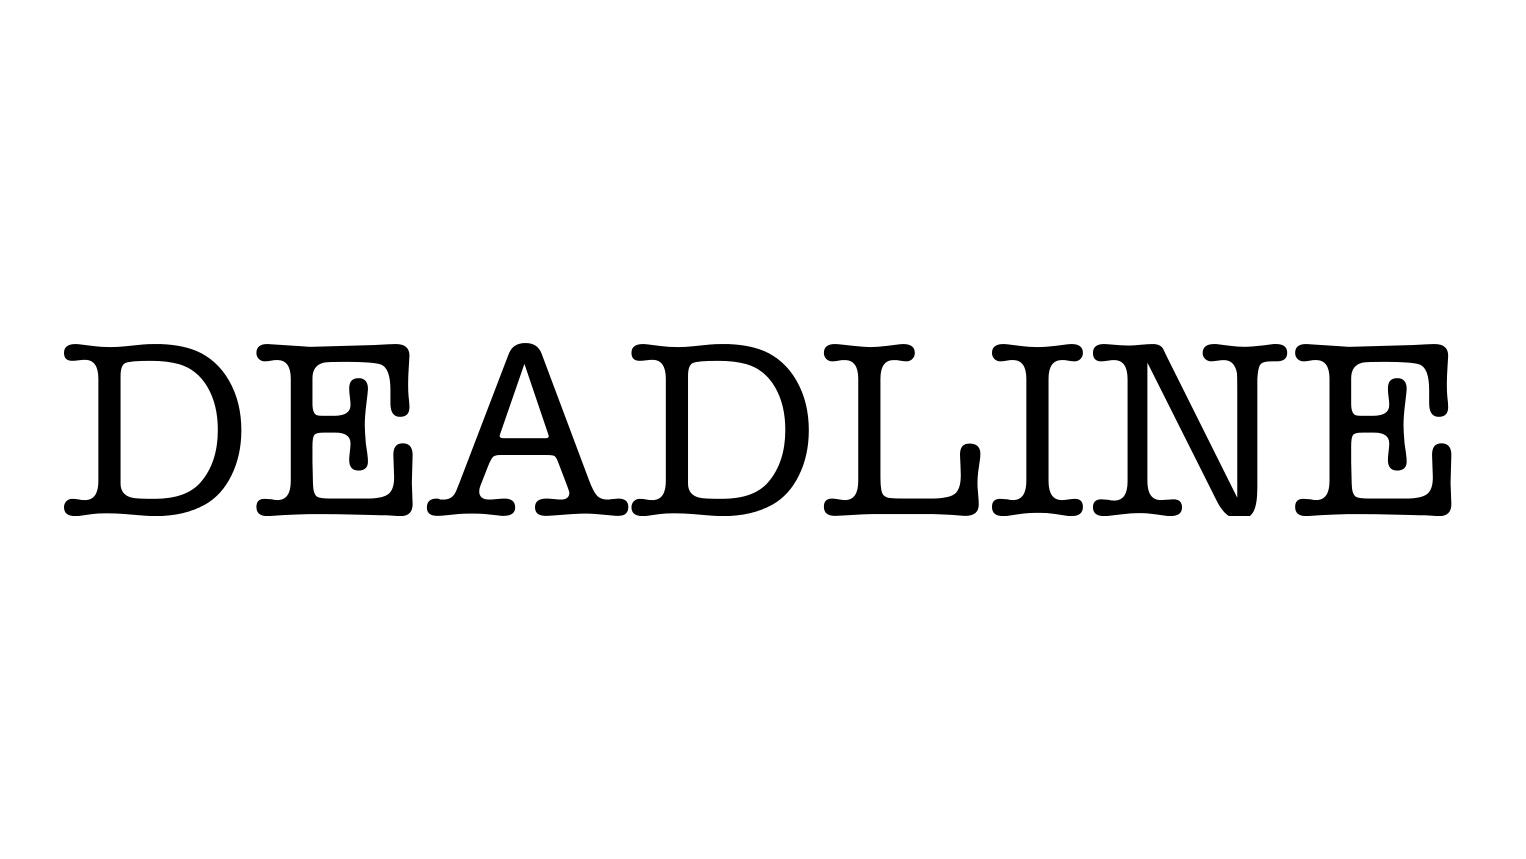 Deadline_16x9.jpg